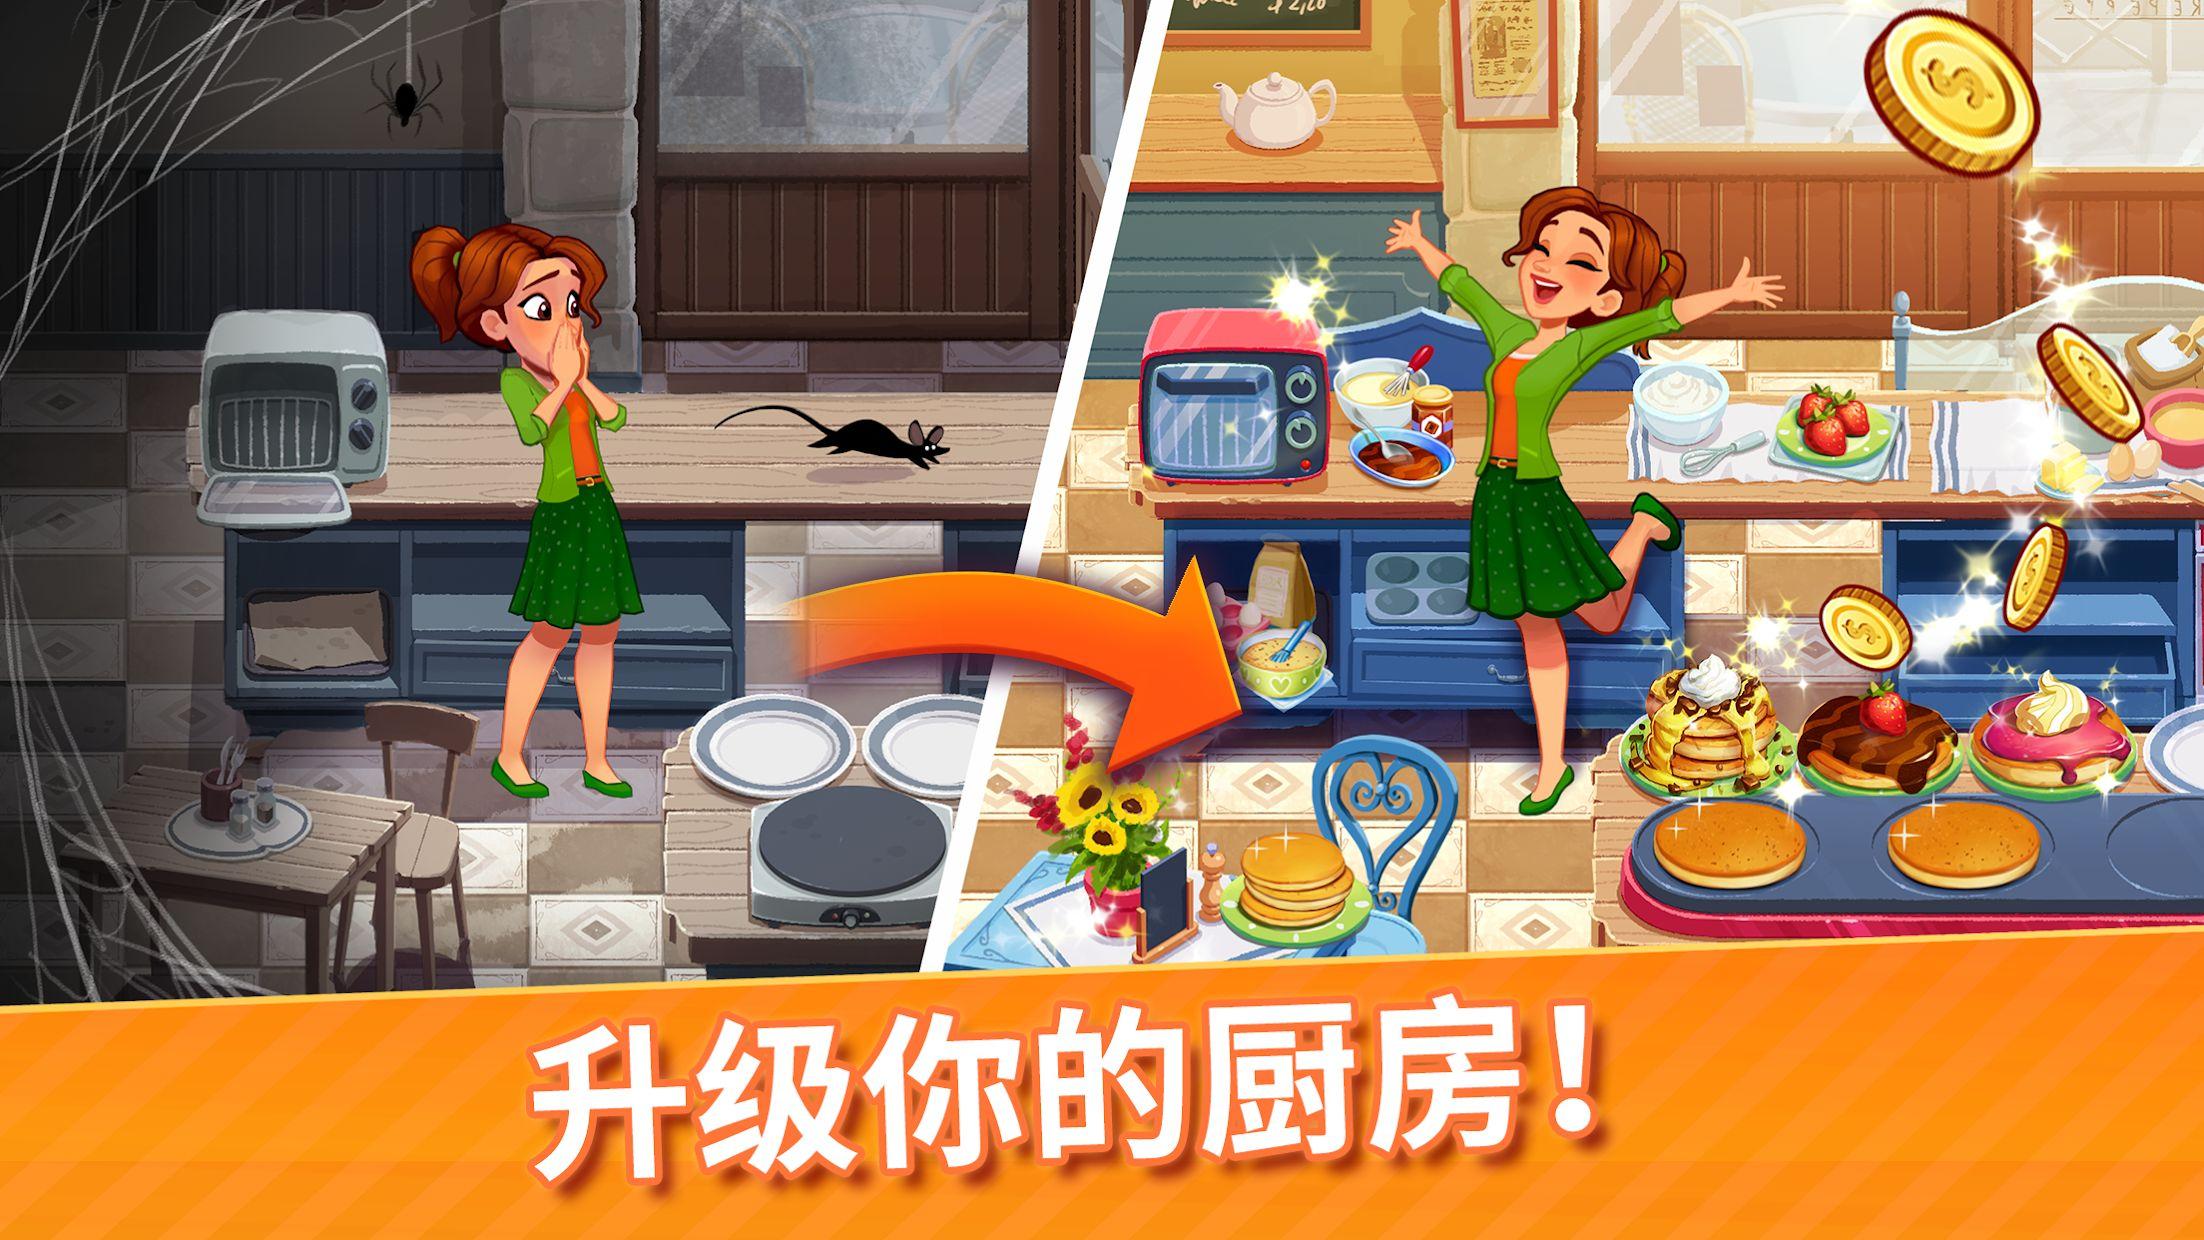 美味餐厅世界 - 烹饪游戏 游戏截图1